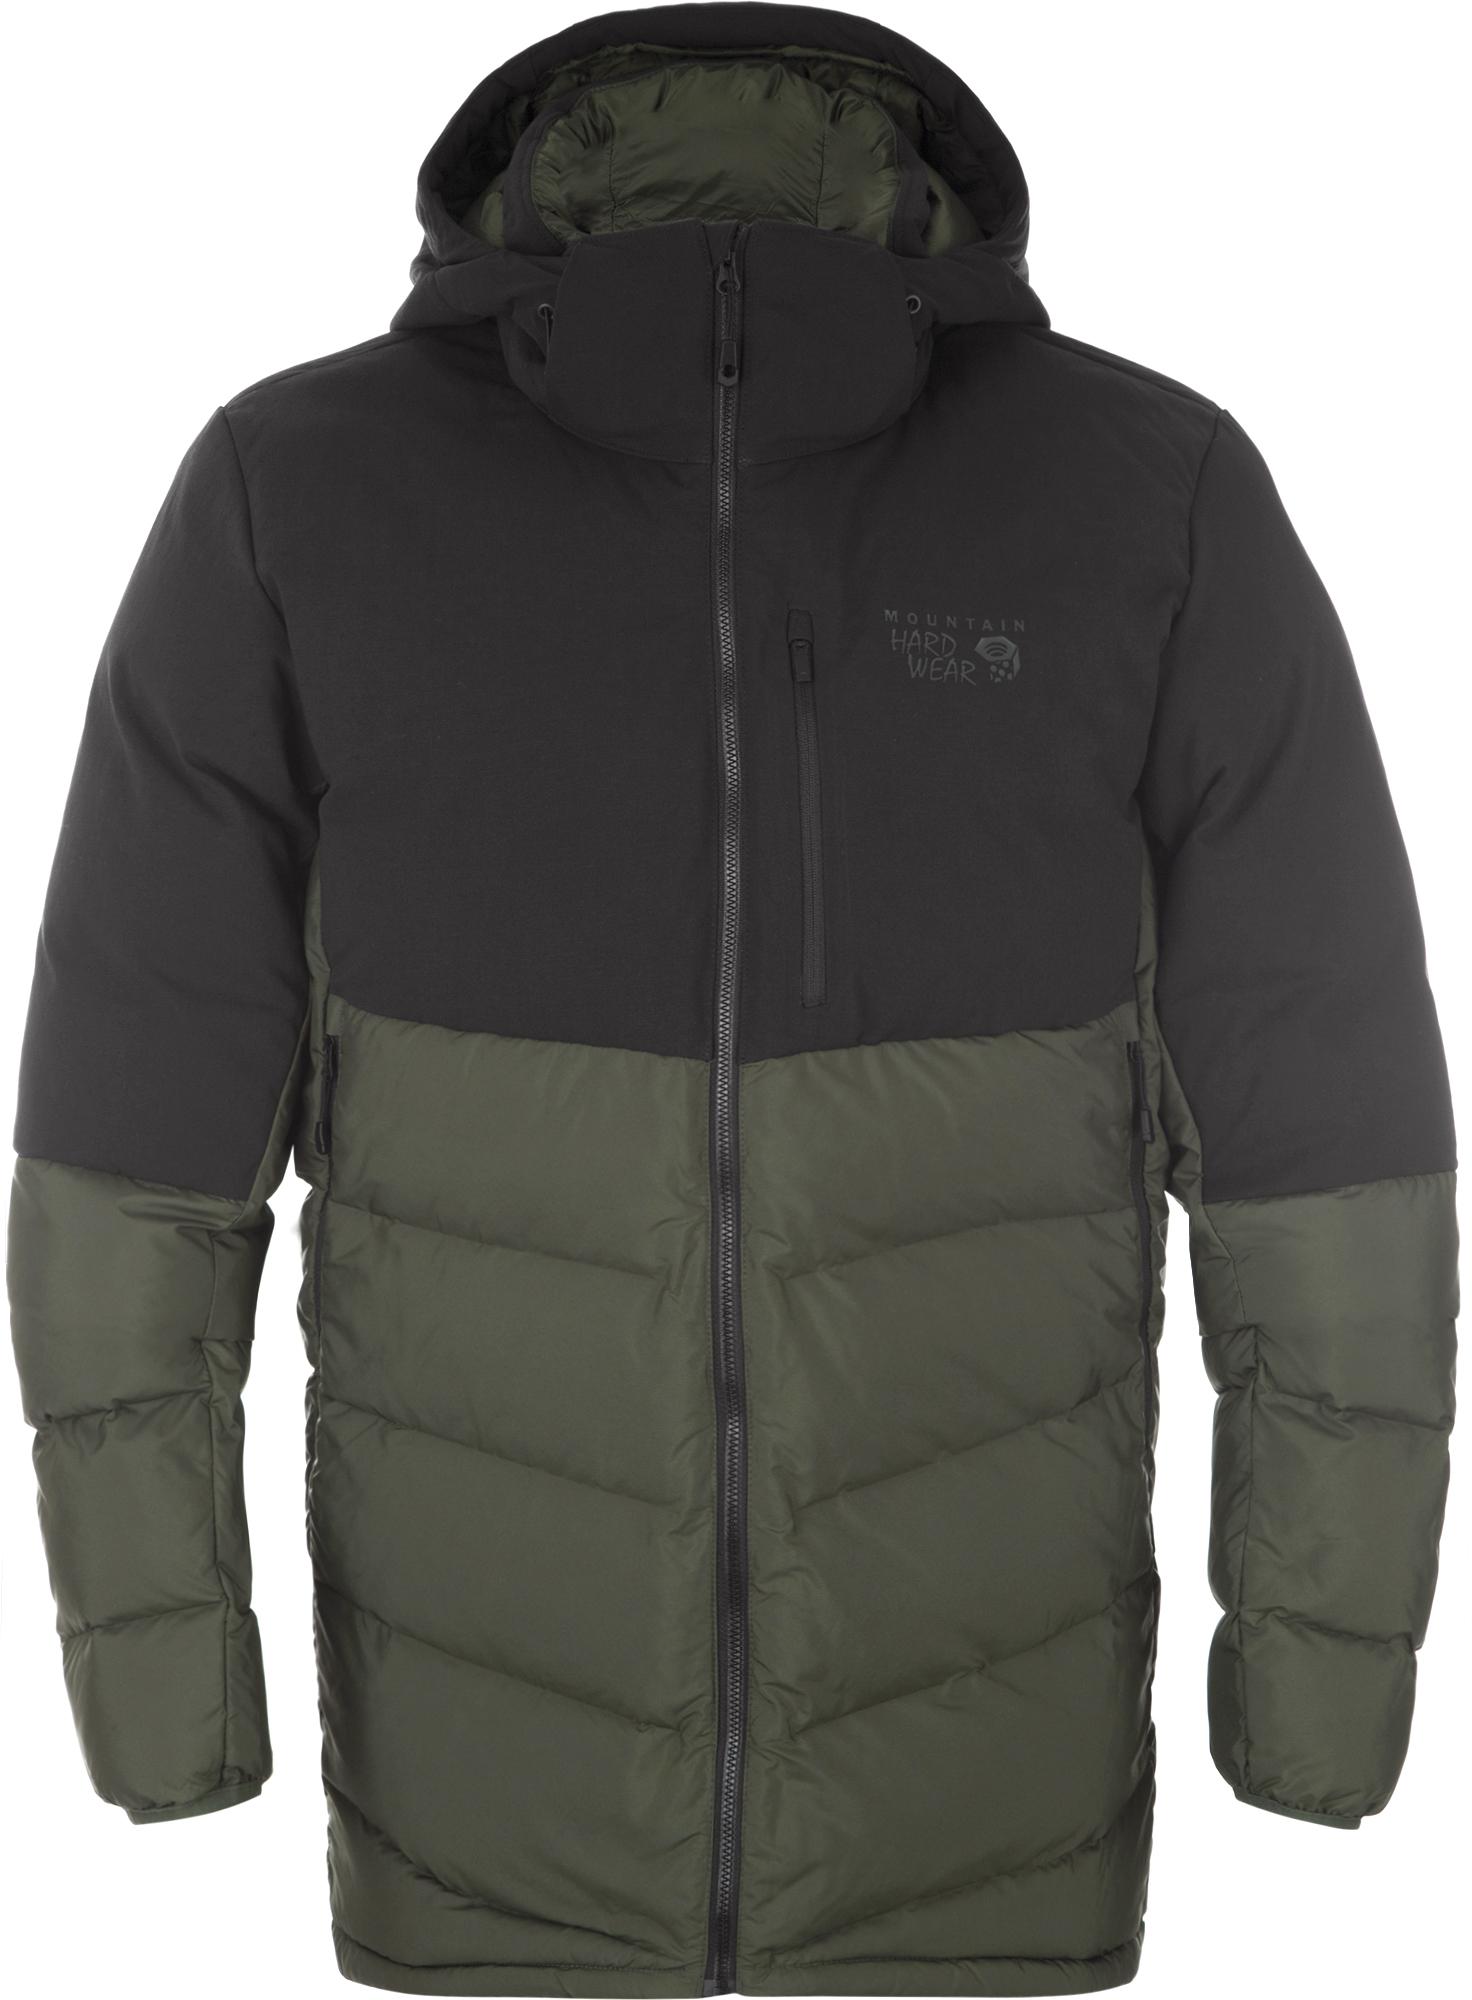 Mountain Hardwear Куртка утепленная мужская Mountain Hardwear Thermist Coat, размер 52 mountain hardwear куртка утепленная мужская mountain hardwear radian размер 56